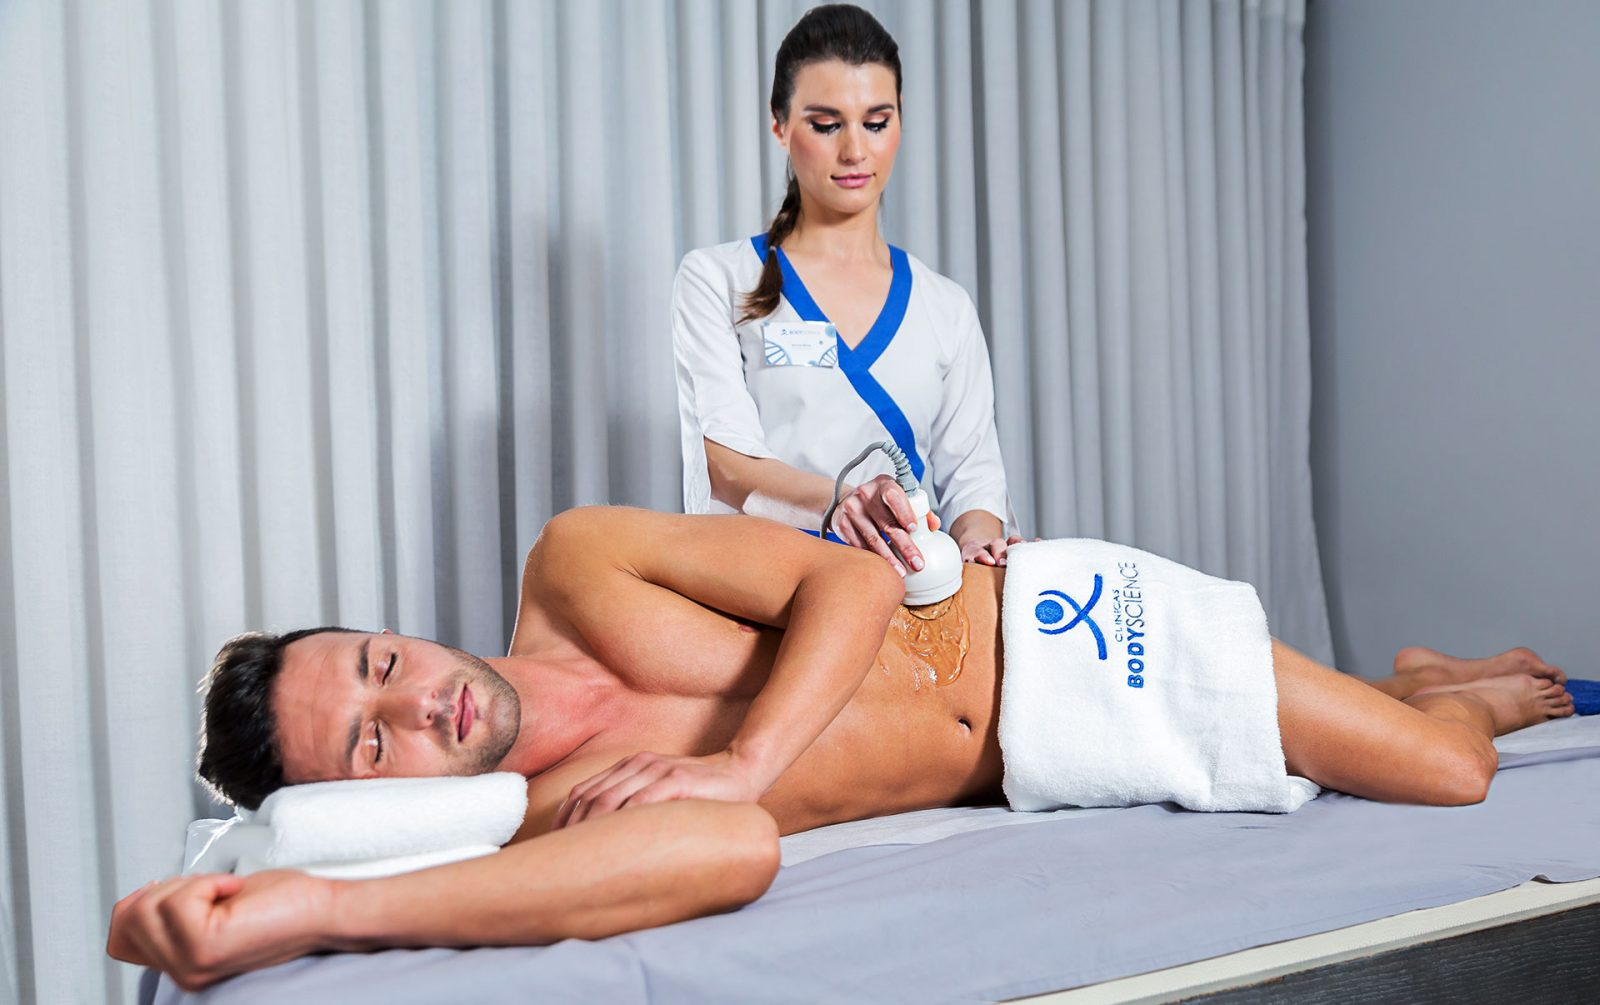 clinica, bodycience, A evolução da Medicina Estética